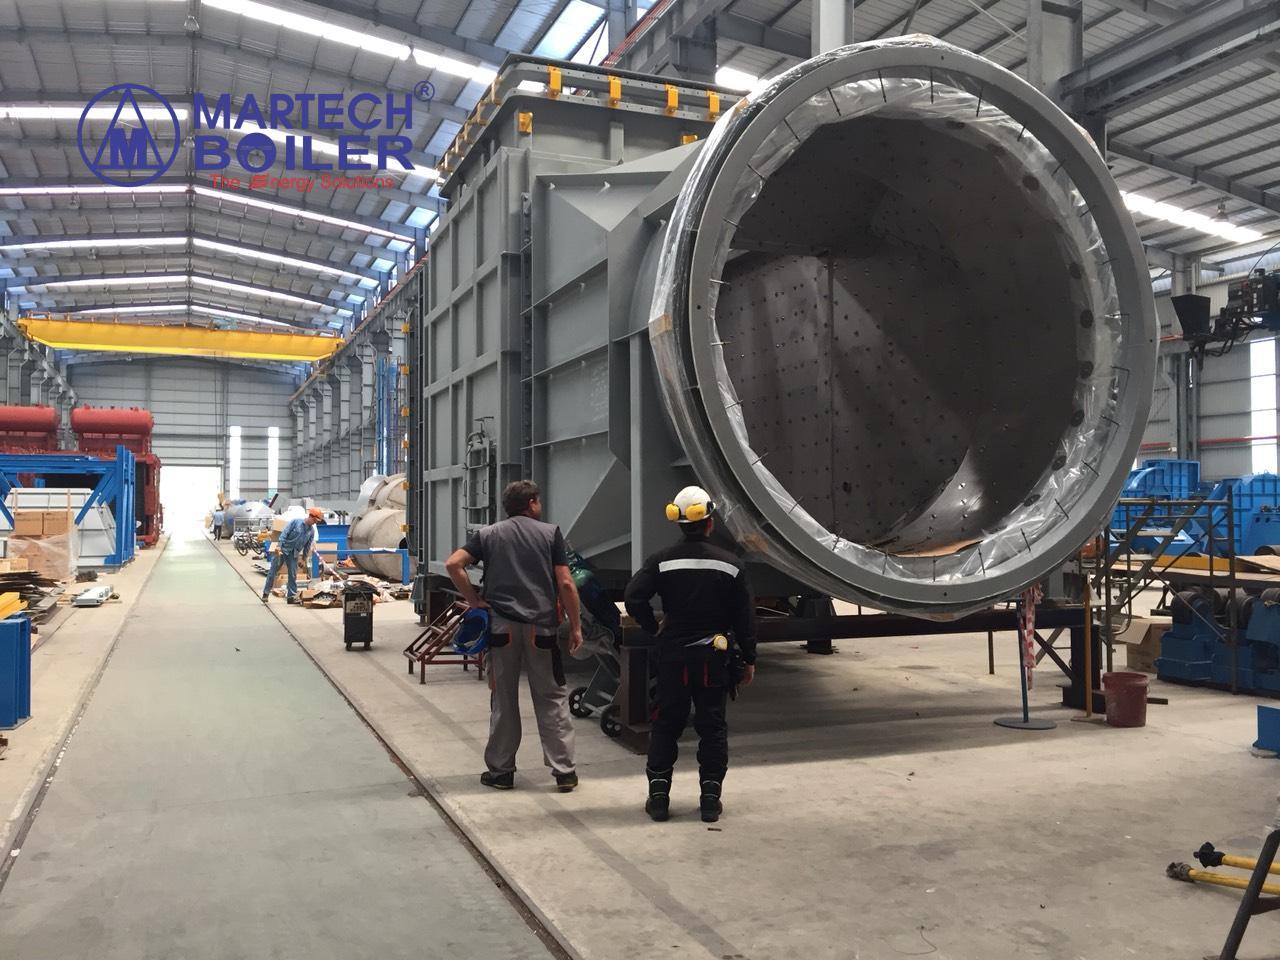 Kiểm tra thiết bị Bypass tại nhà máy Martech